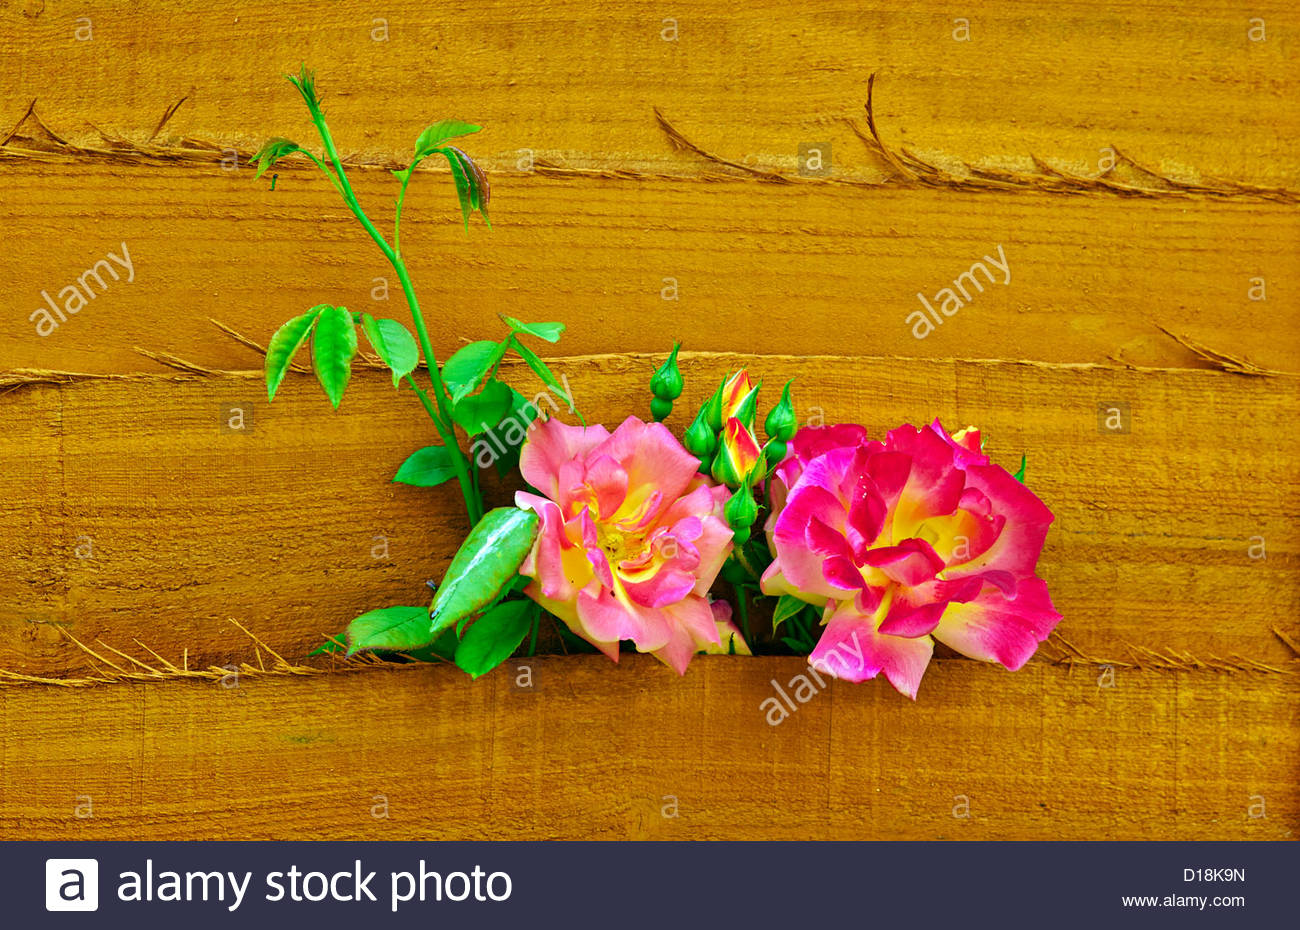 Gartenzaunlatten Holz